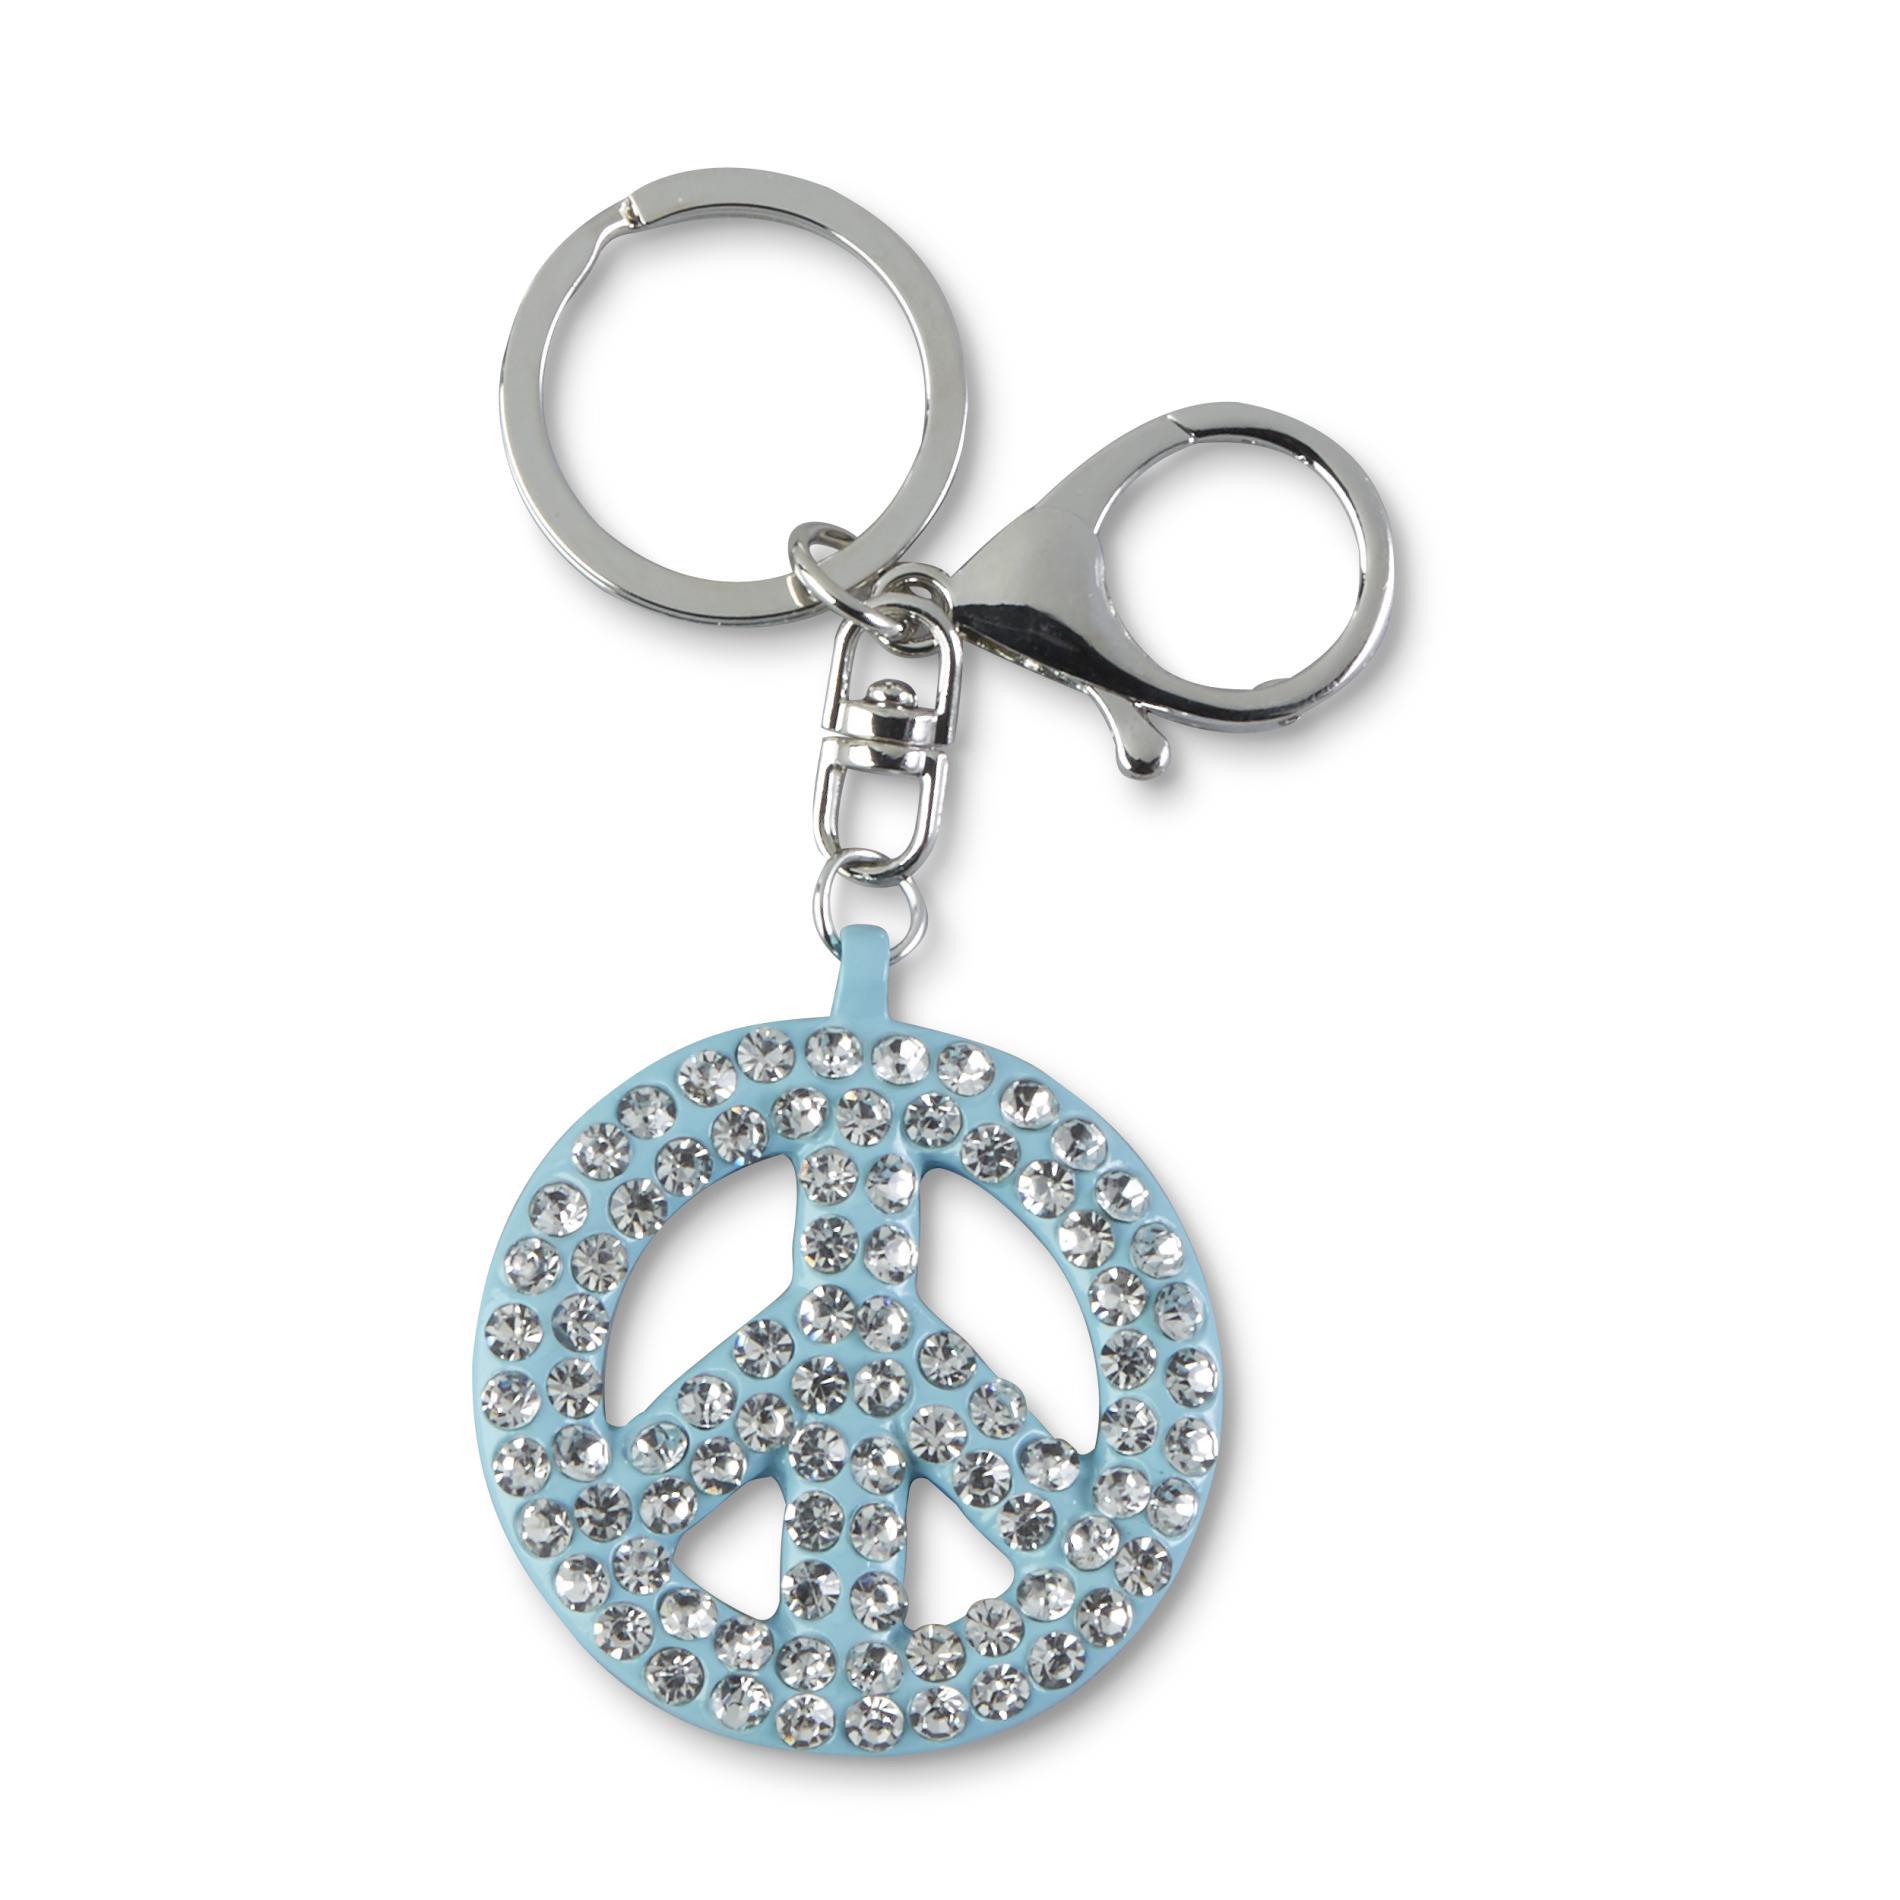 Attention Women's Silvertone Key Chain - Peace, Blue